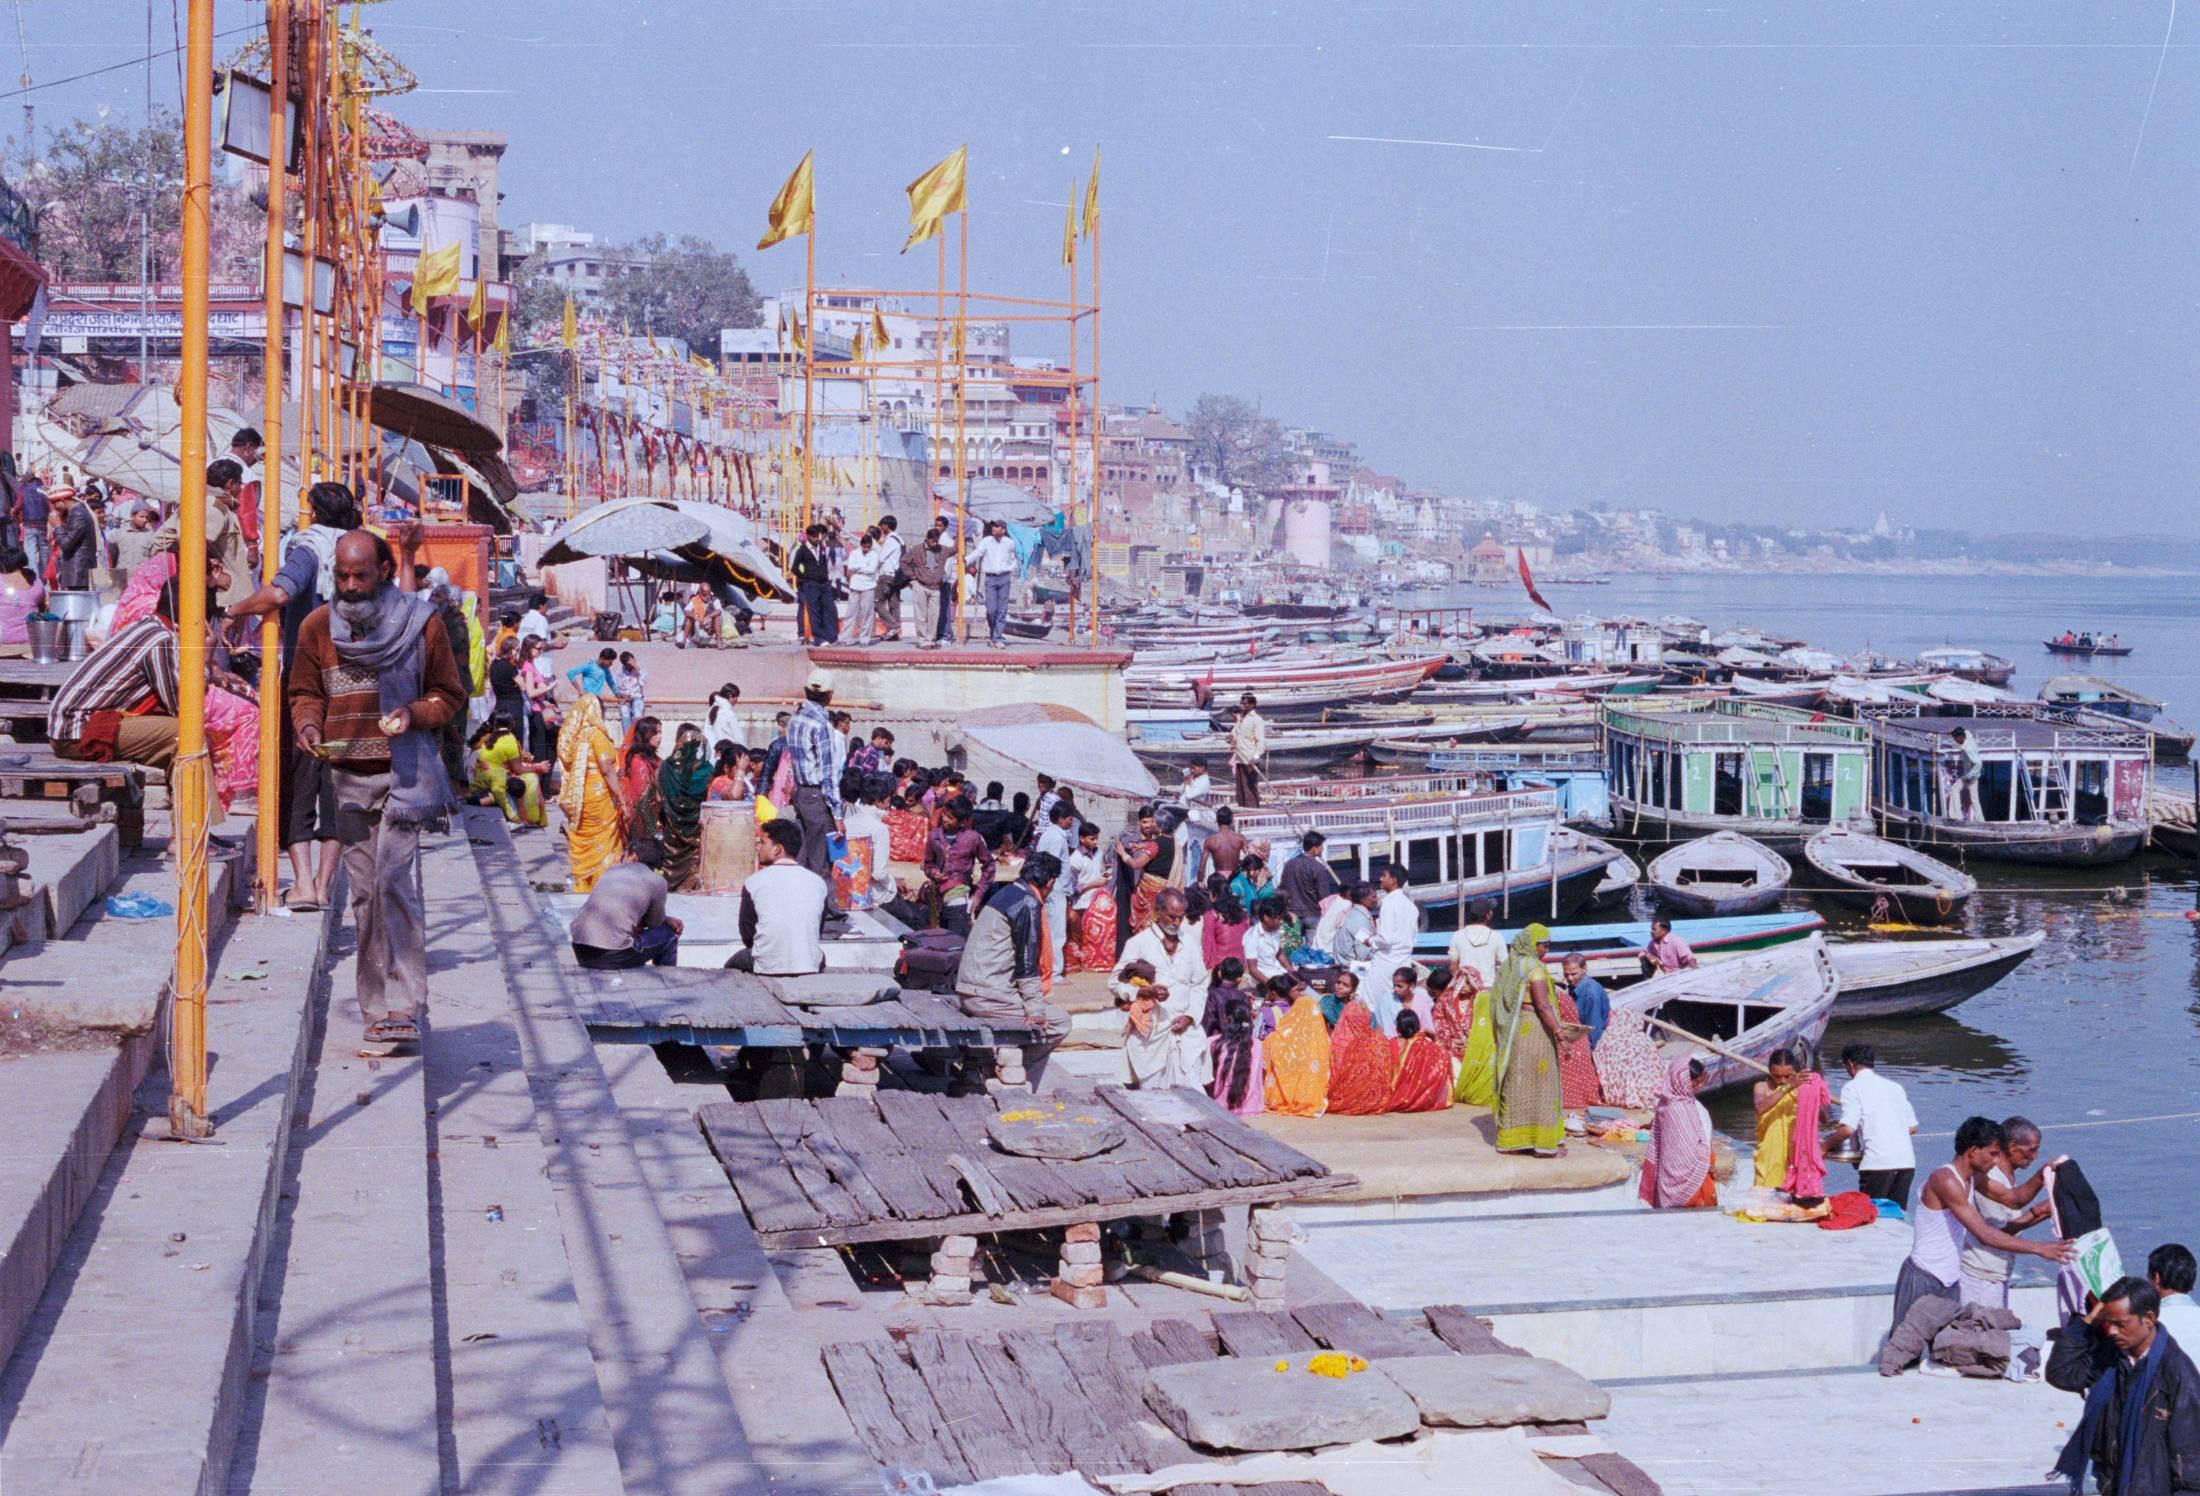 Índia com Varanasi - Varanasi